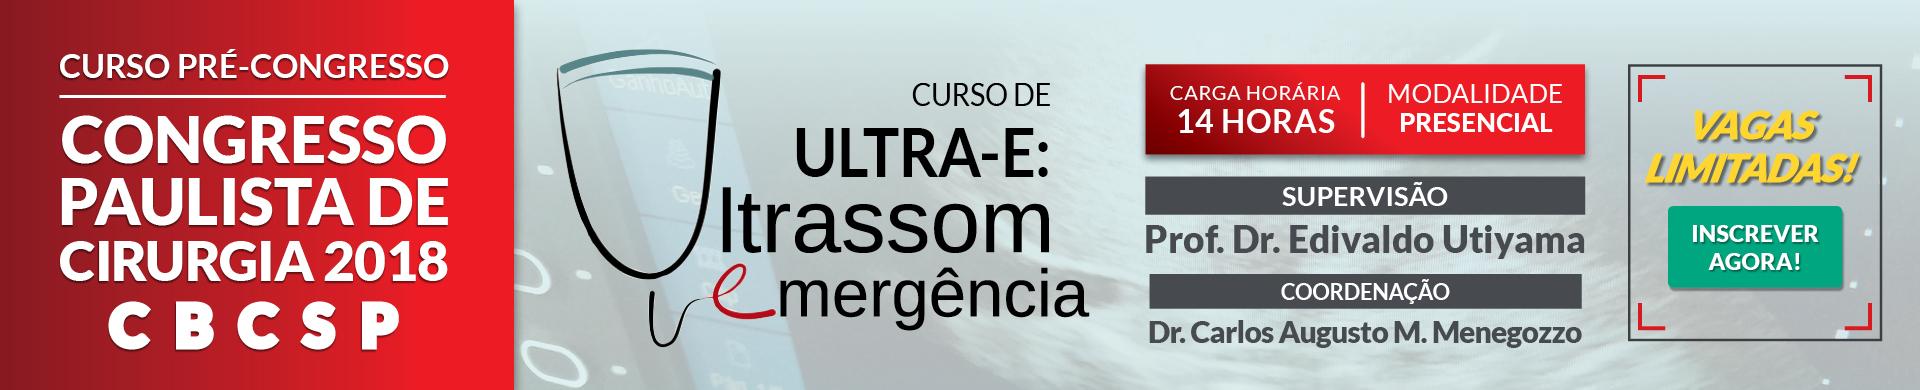 Ultrassom